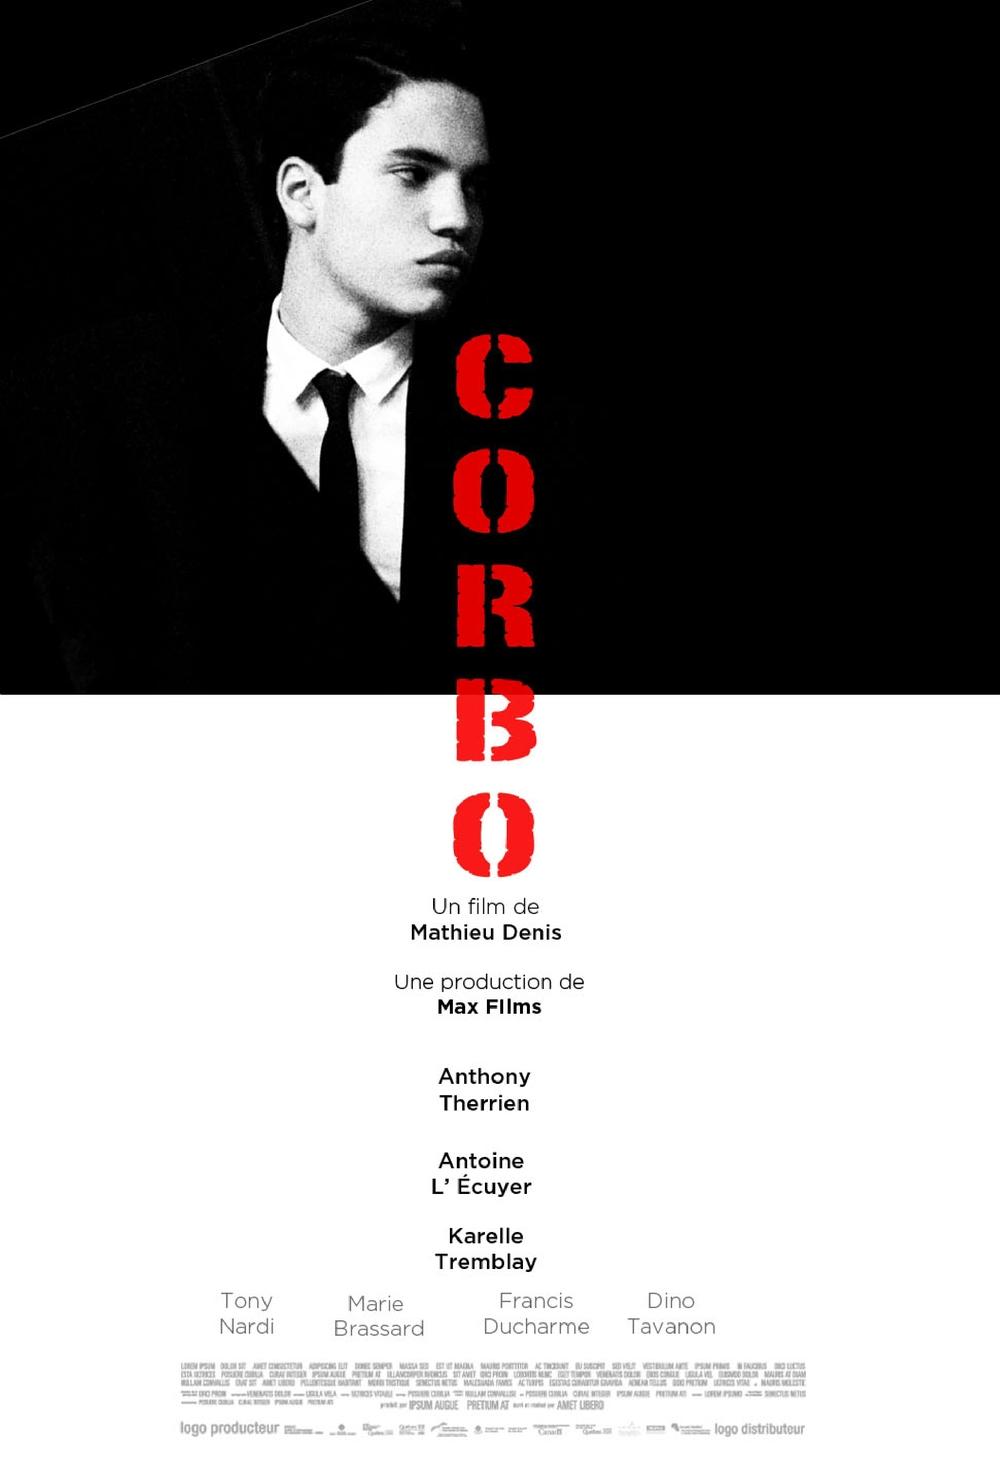 CORBO-Poster-RENZO-27oct_00012.jpg